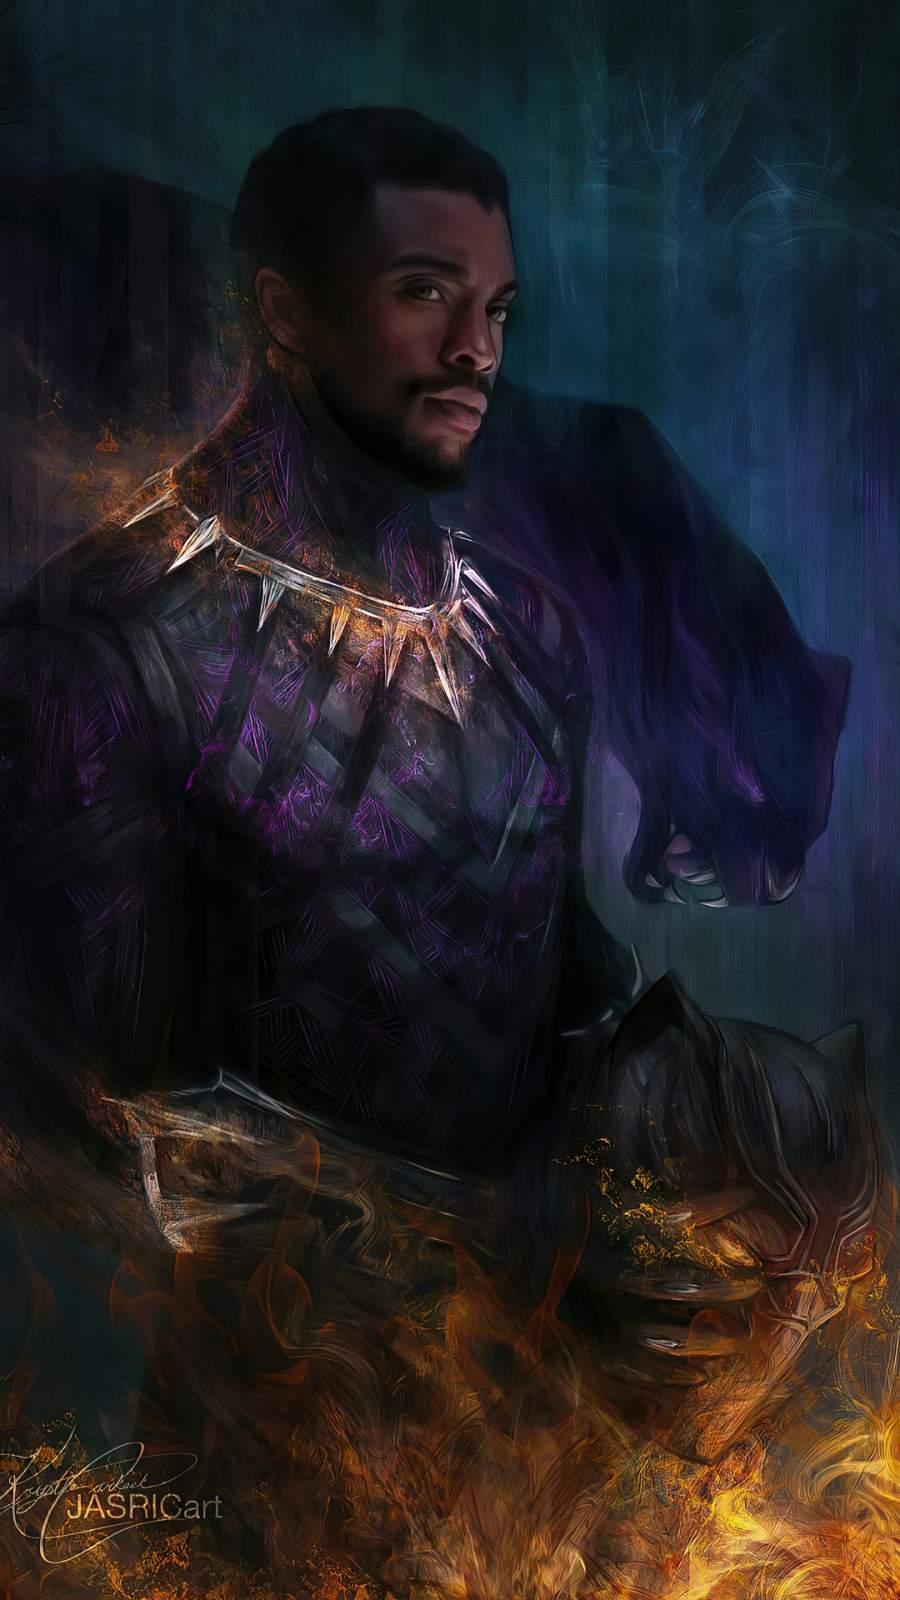 RIP Black Panther Chadwick Boseman